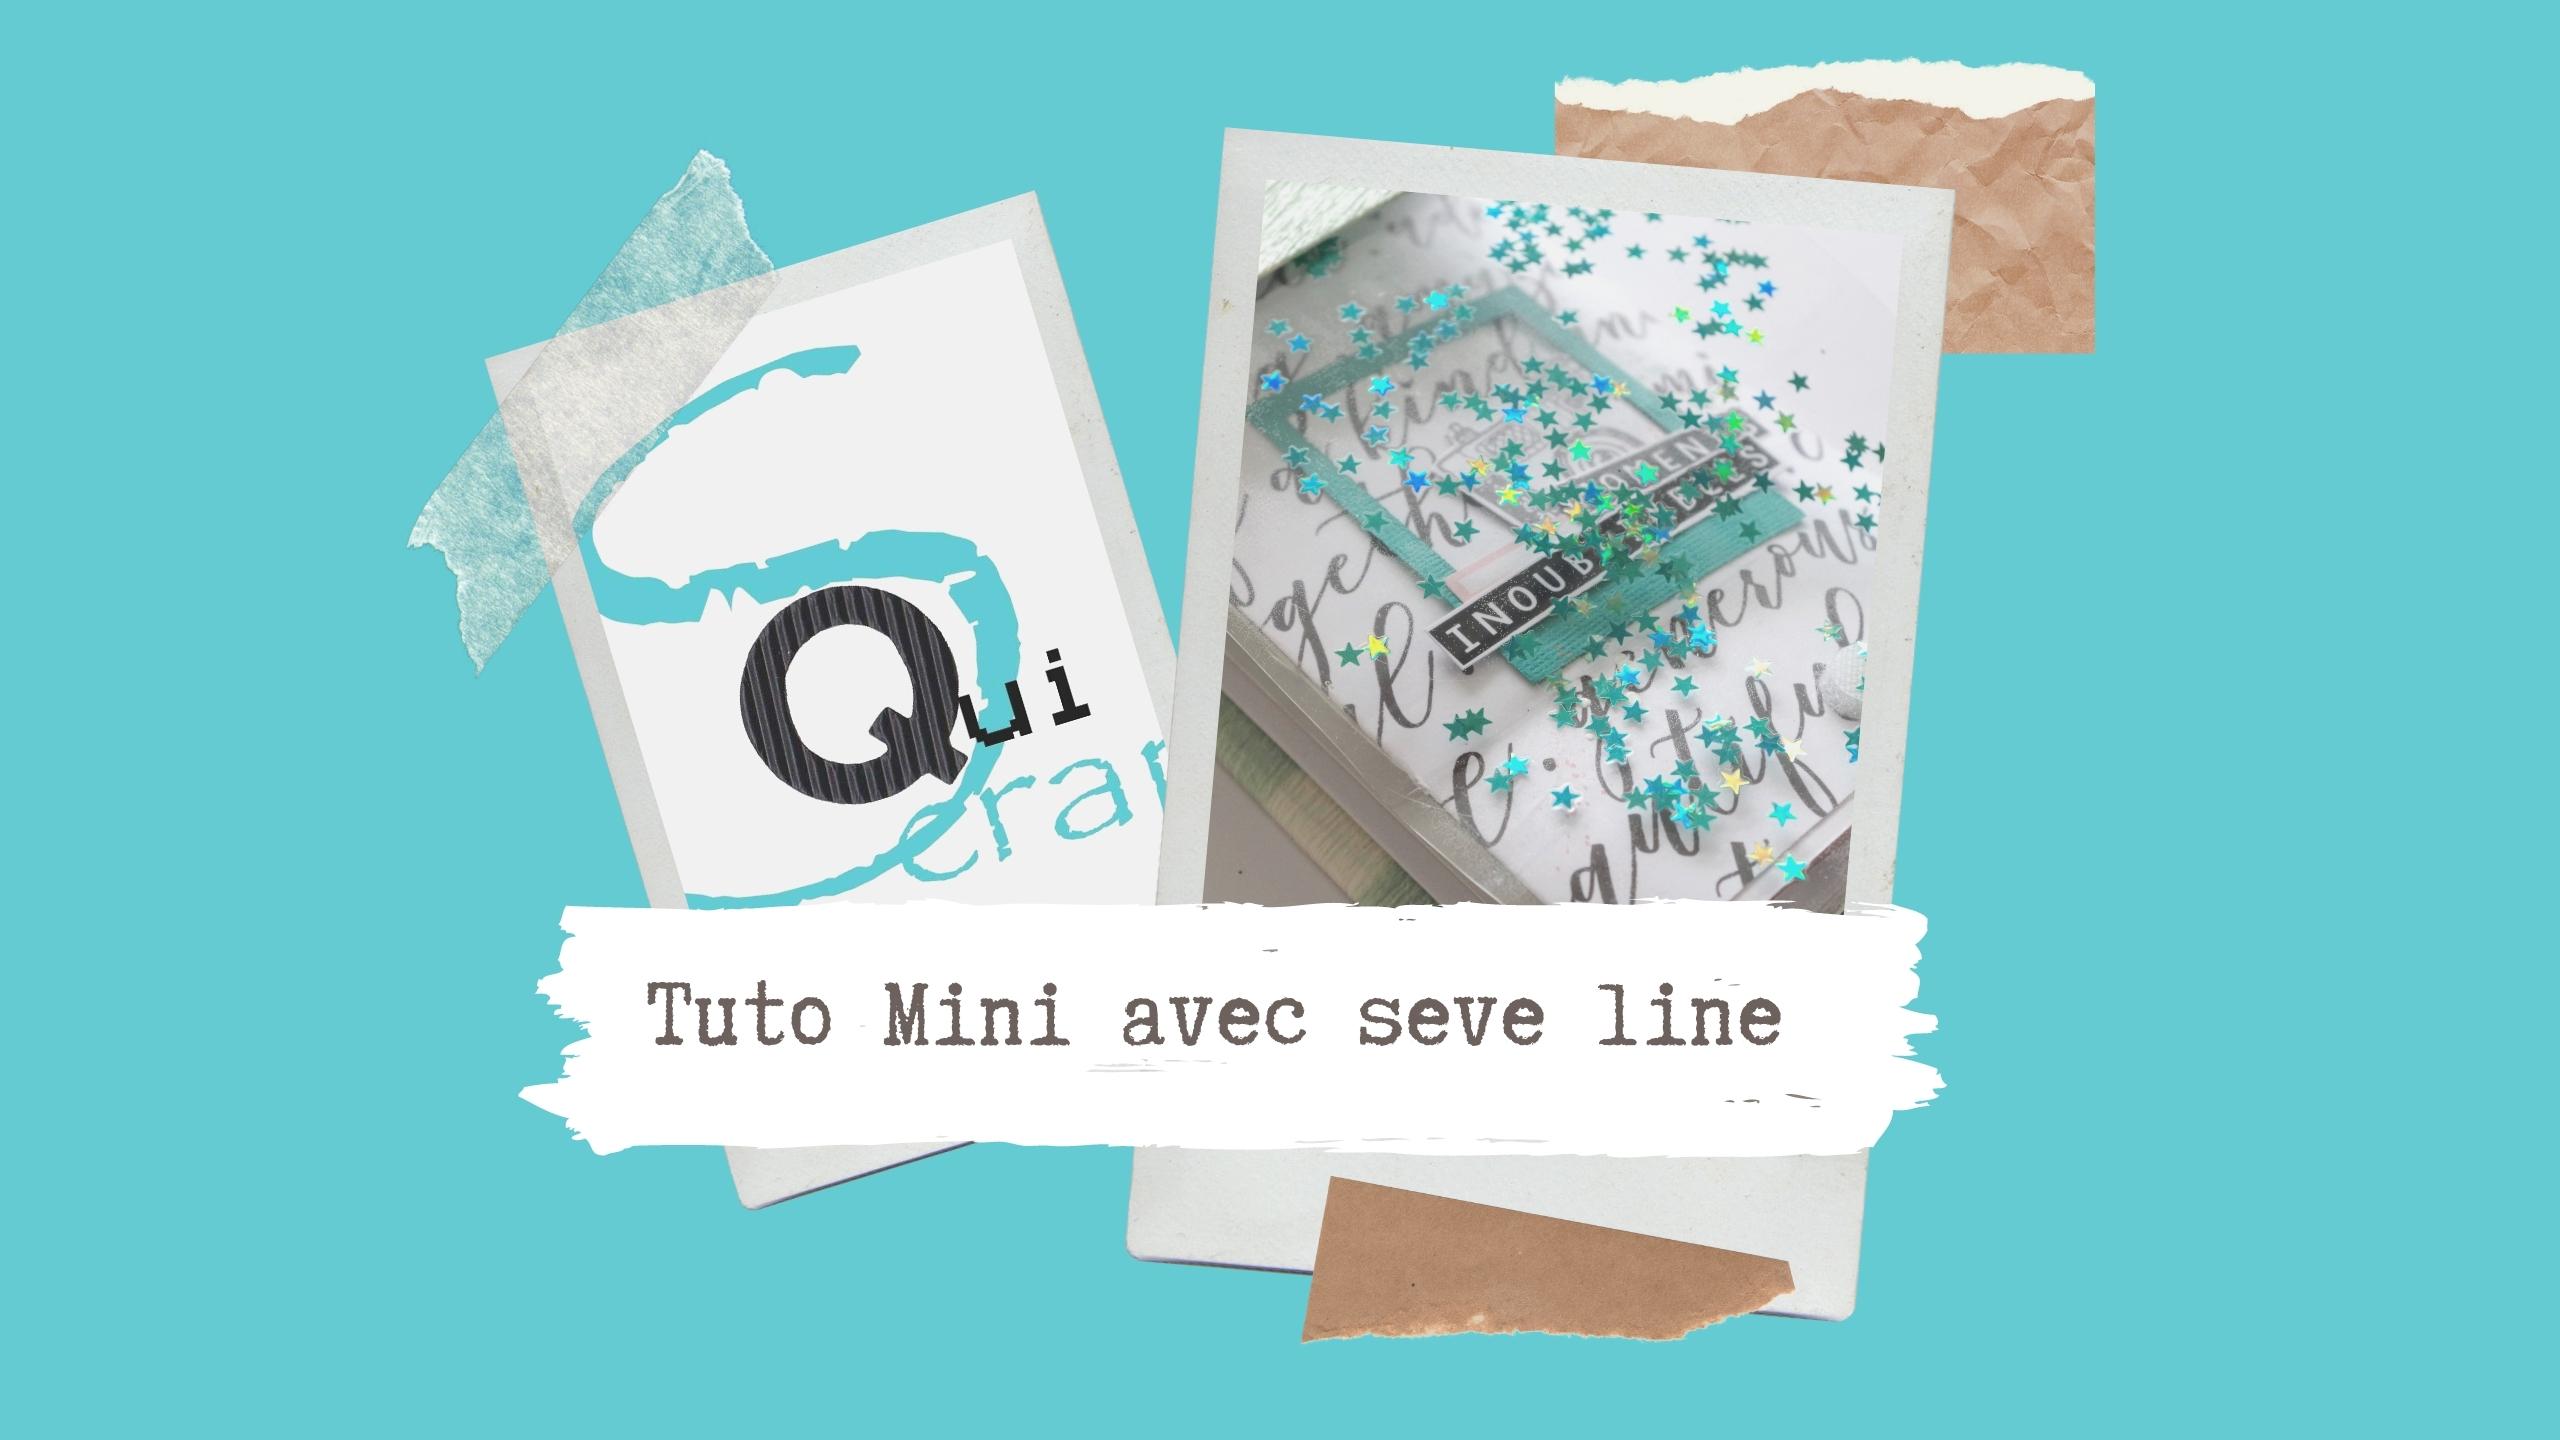 Tuto n°2 pour la Box de Septembre 2020 par Seve Line: le mini-album